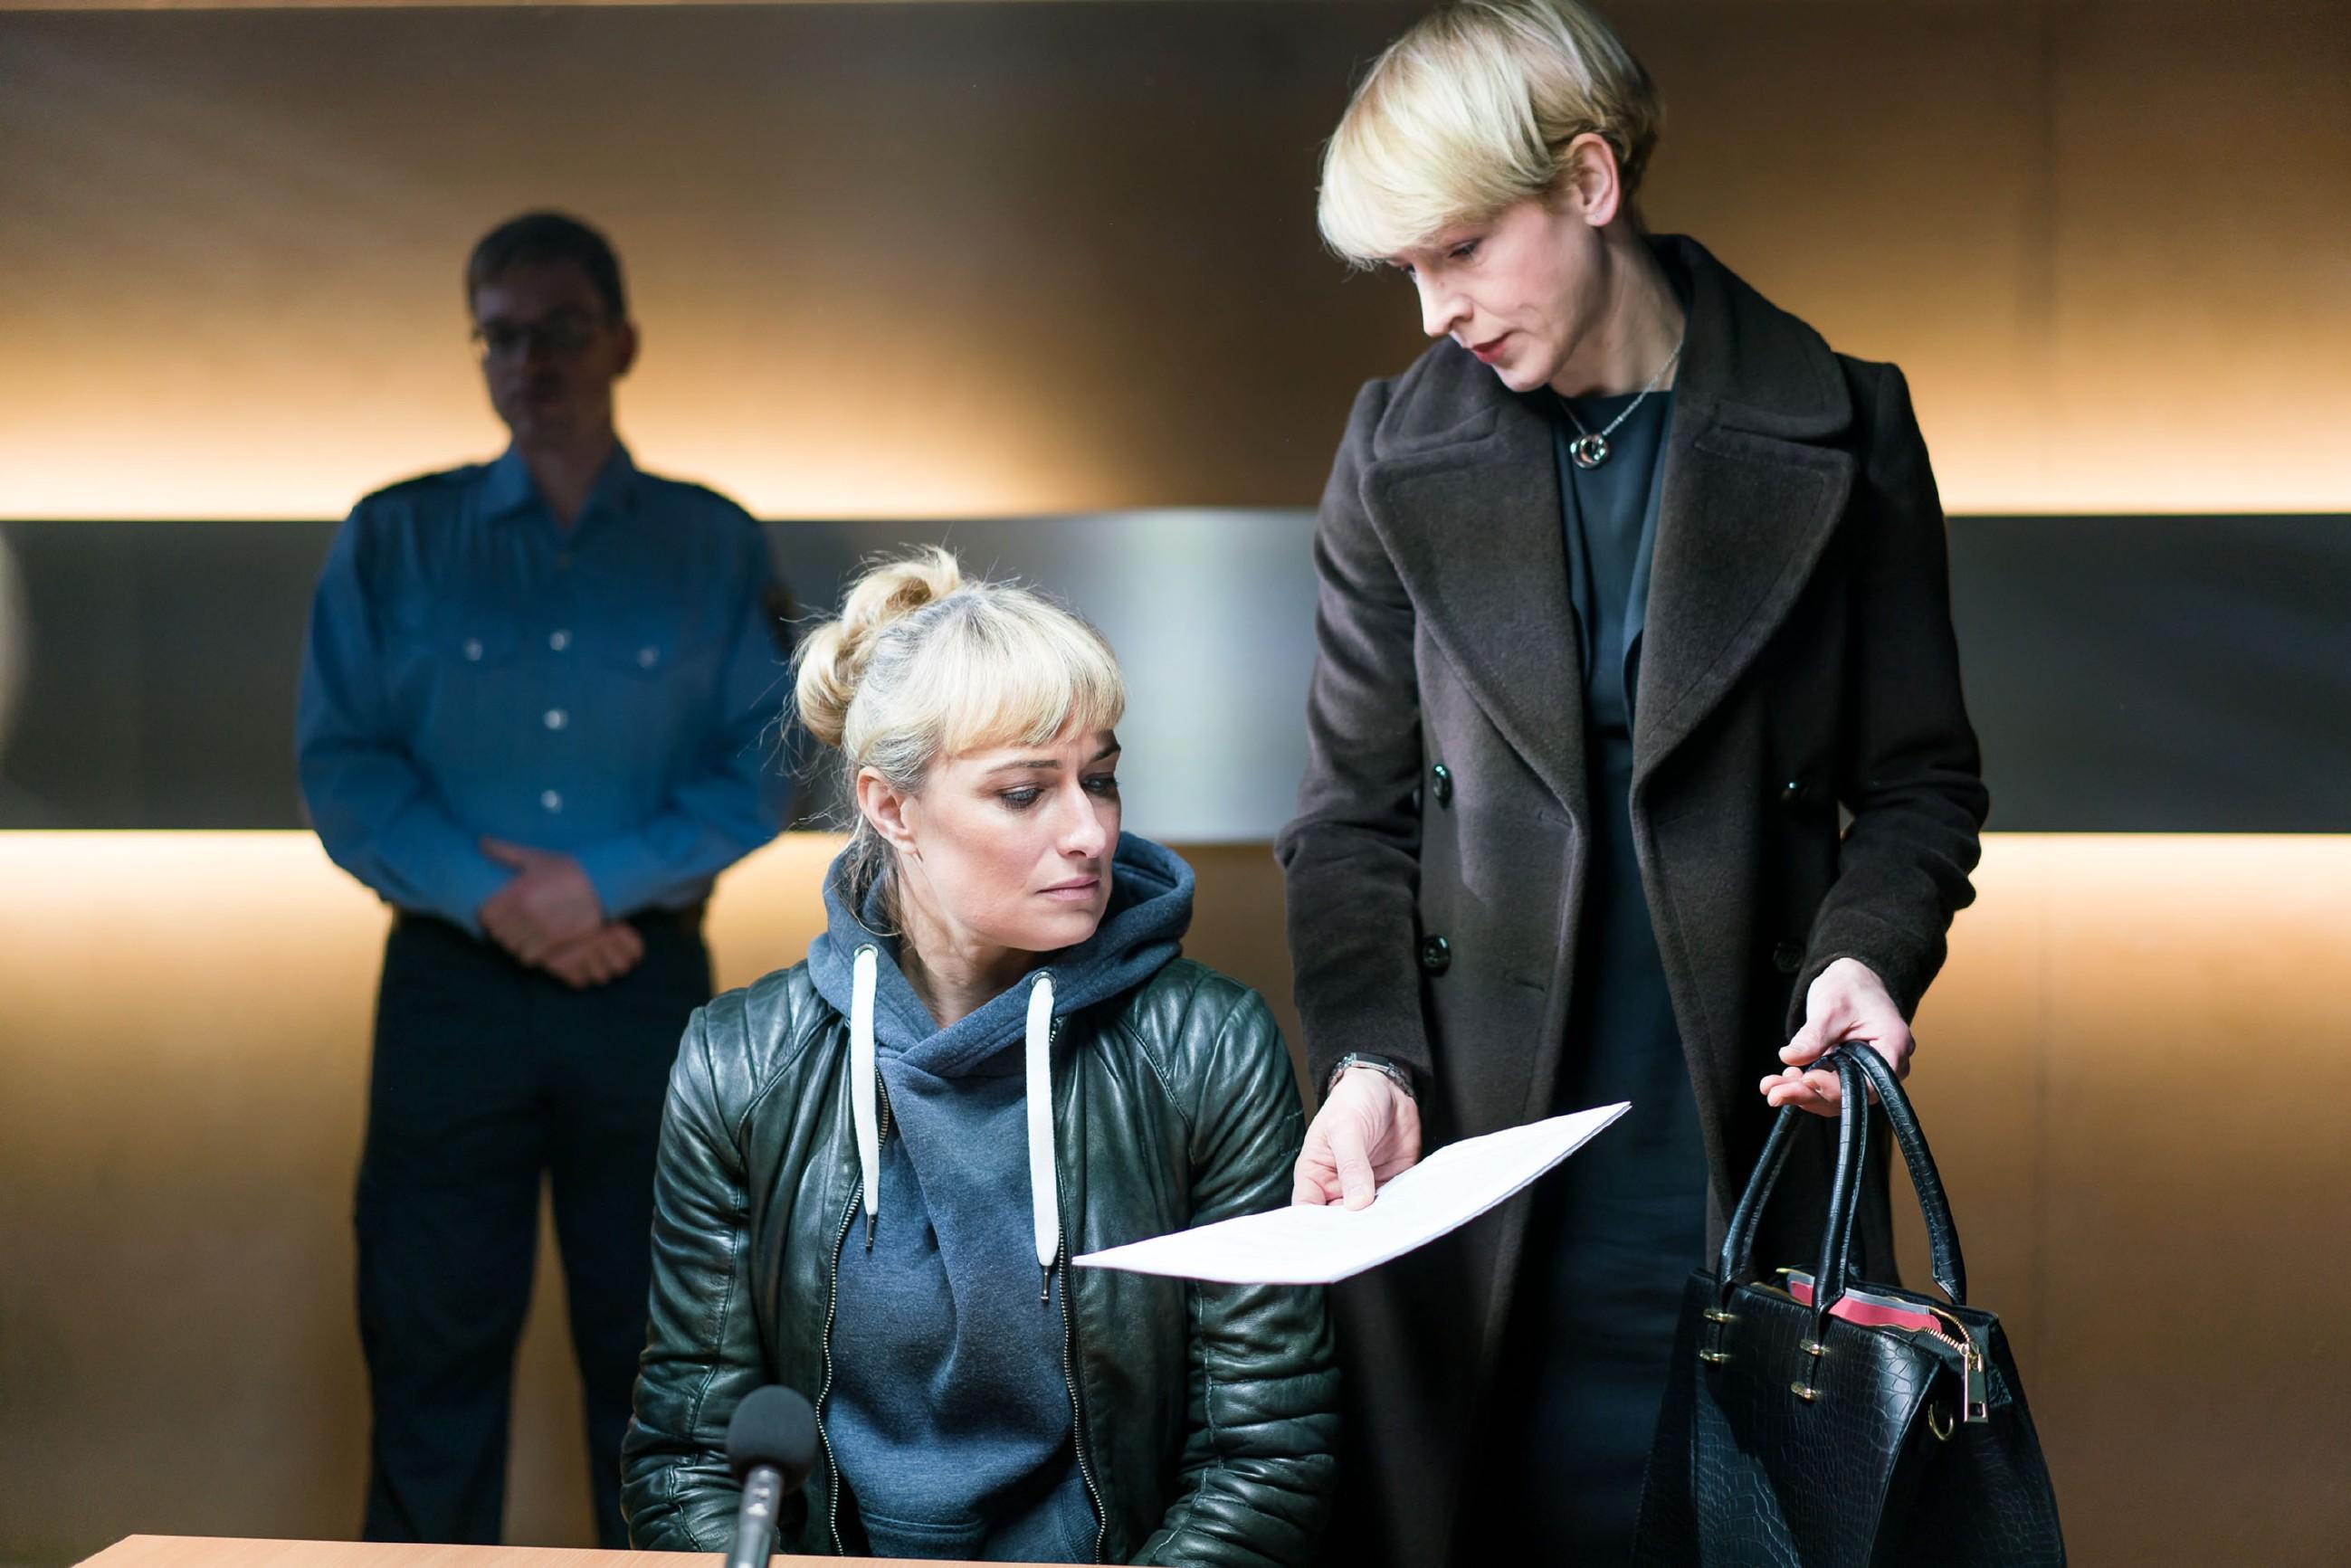 Gerners Anwaltskollegin Yvonne Dittmar (Aline Staskowiak, r.) gelingt es gerade noch, Maren (Eva Mona Rodekirchen, M.) von einem vollständigen Geständnis abzuhalten. (Quelle: RTL / Sebastian Geyer)